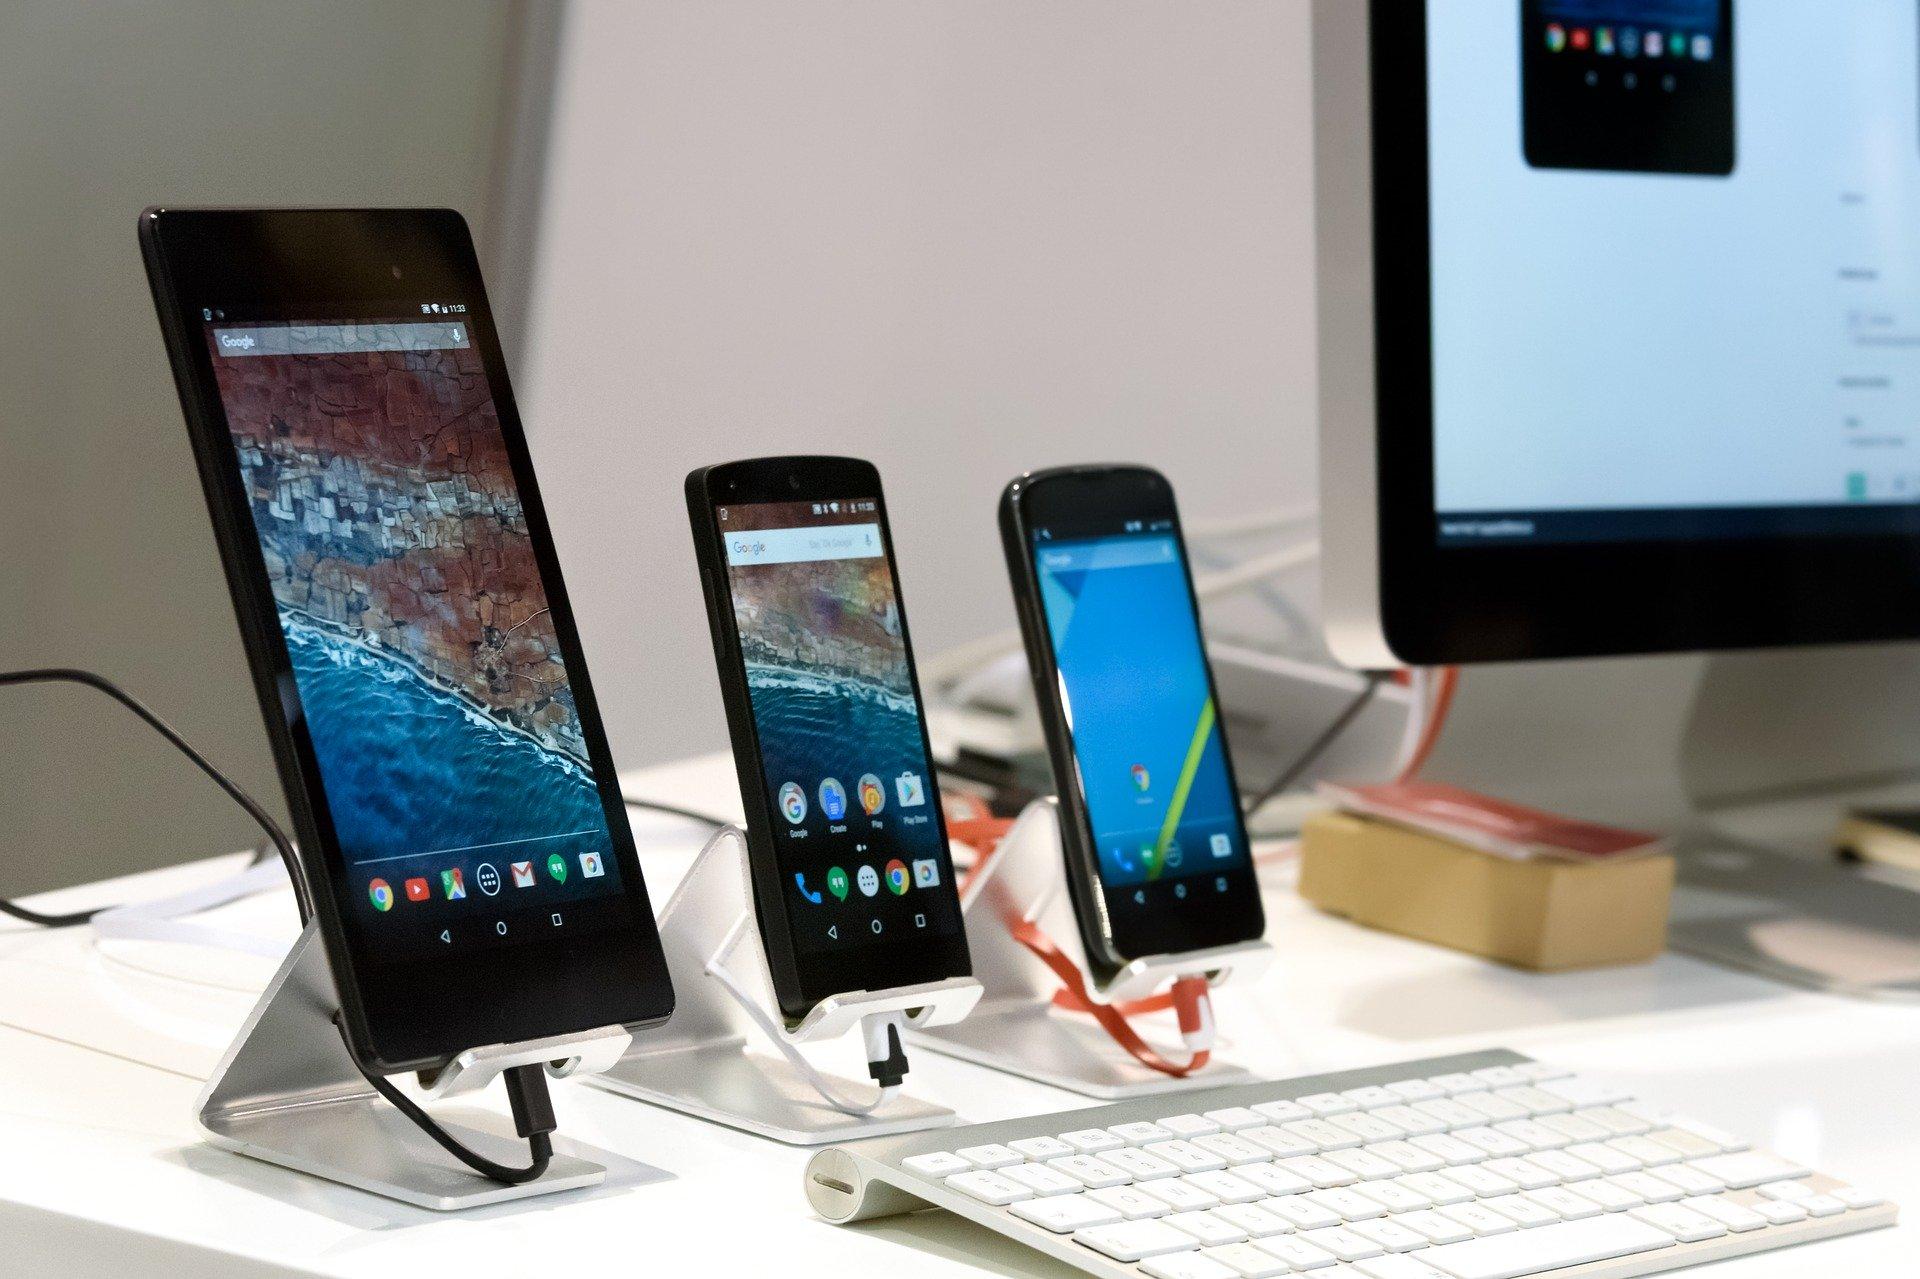 Opciones de celulares, como elegir tu celular